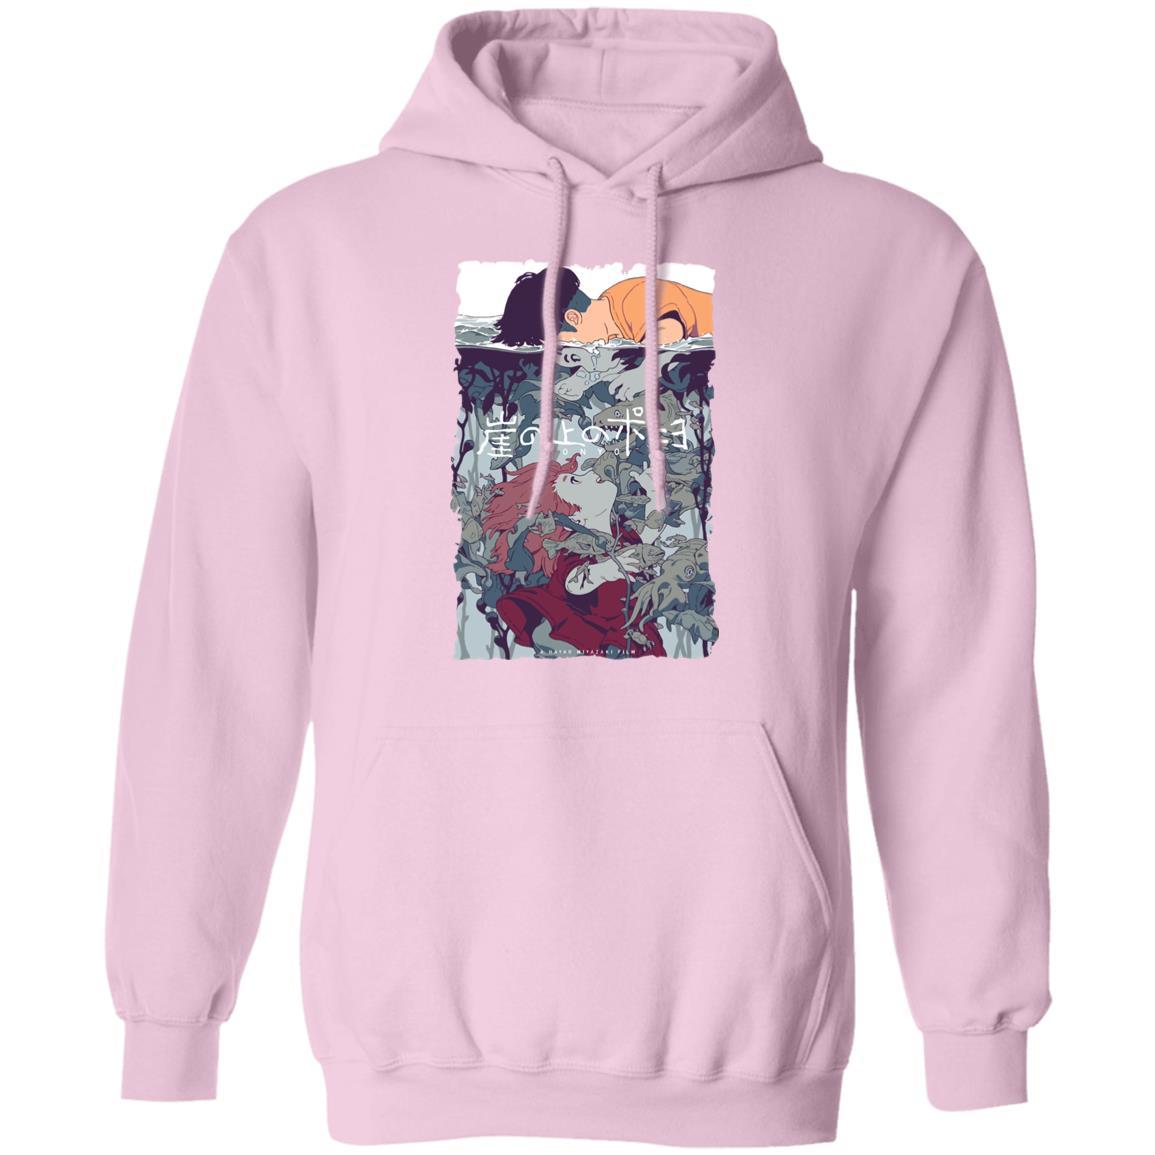 Ponyo and Sosuke Creative Art Hoodie Unisex